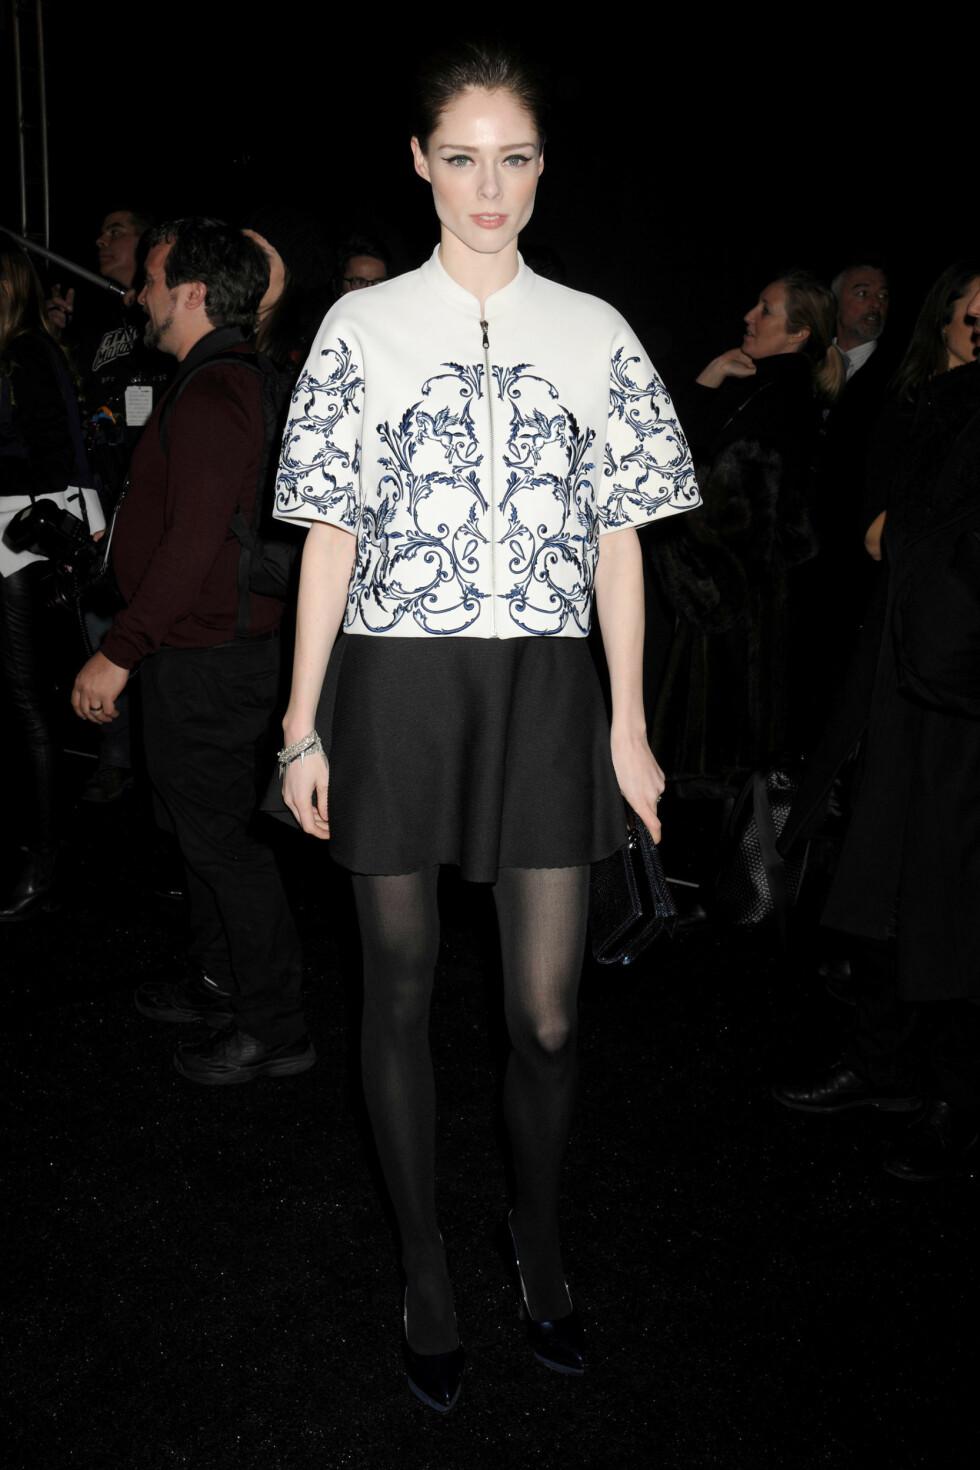 Den kanadiske supermodellen Coco Rocha iført et sort skjørt og en hvit bluse med blått mønster.  Foto: All Over Press